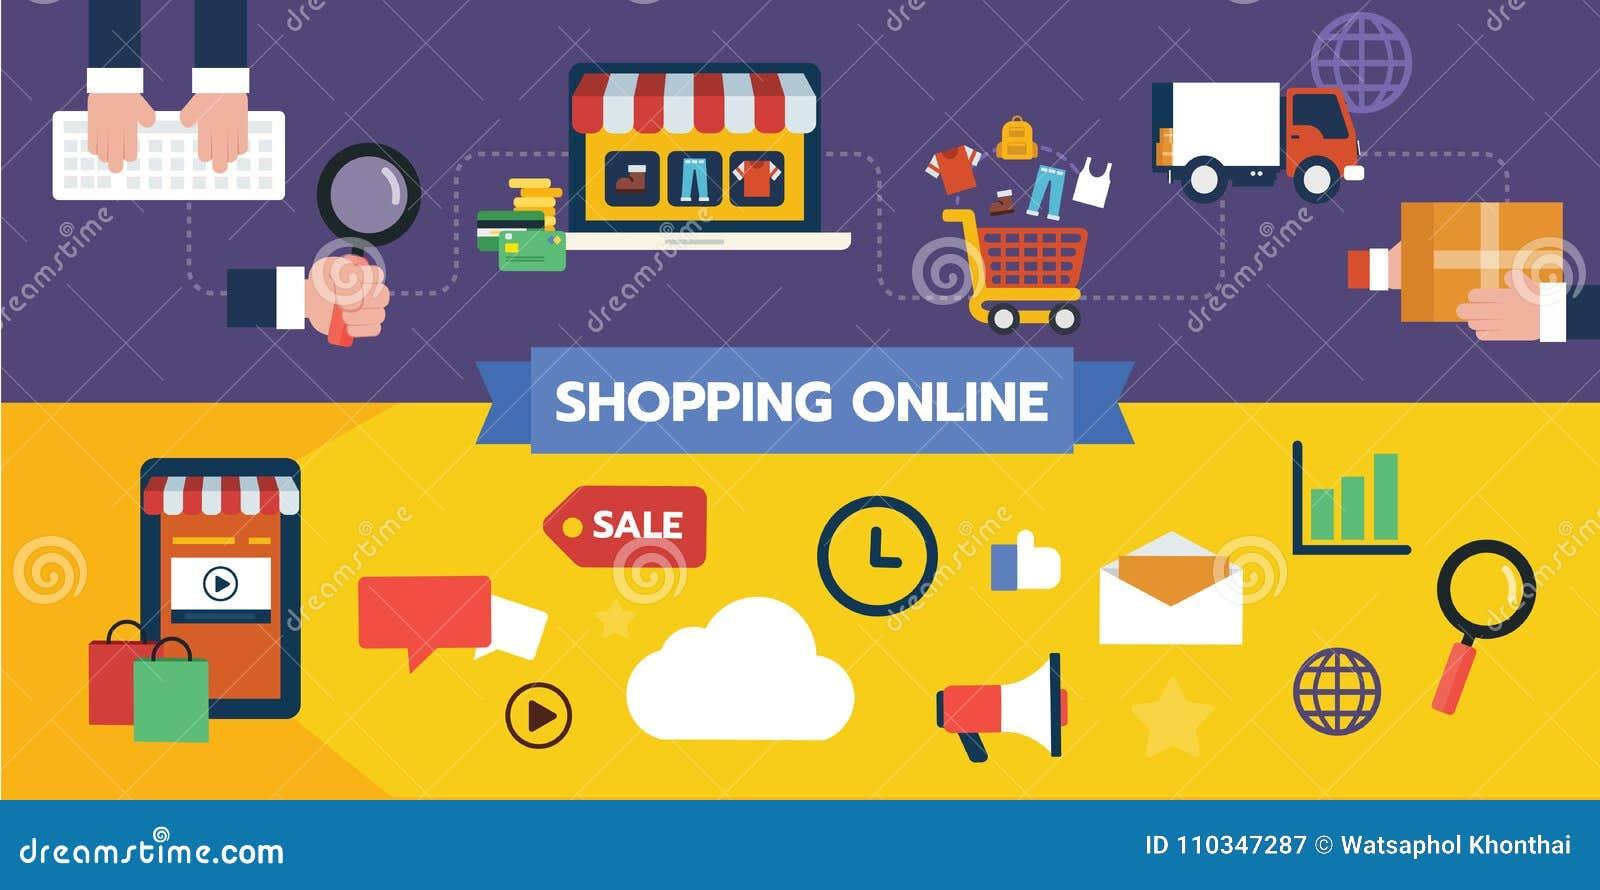 Vlakke het ontwerpreeks van het illustratiepictogram het winkelen online concepten, gebruikersstroom van aankoop en betaling